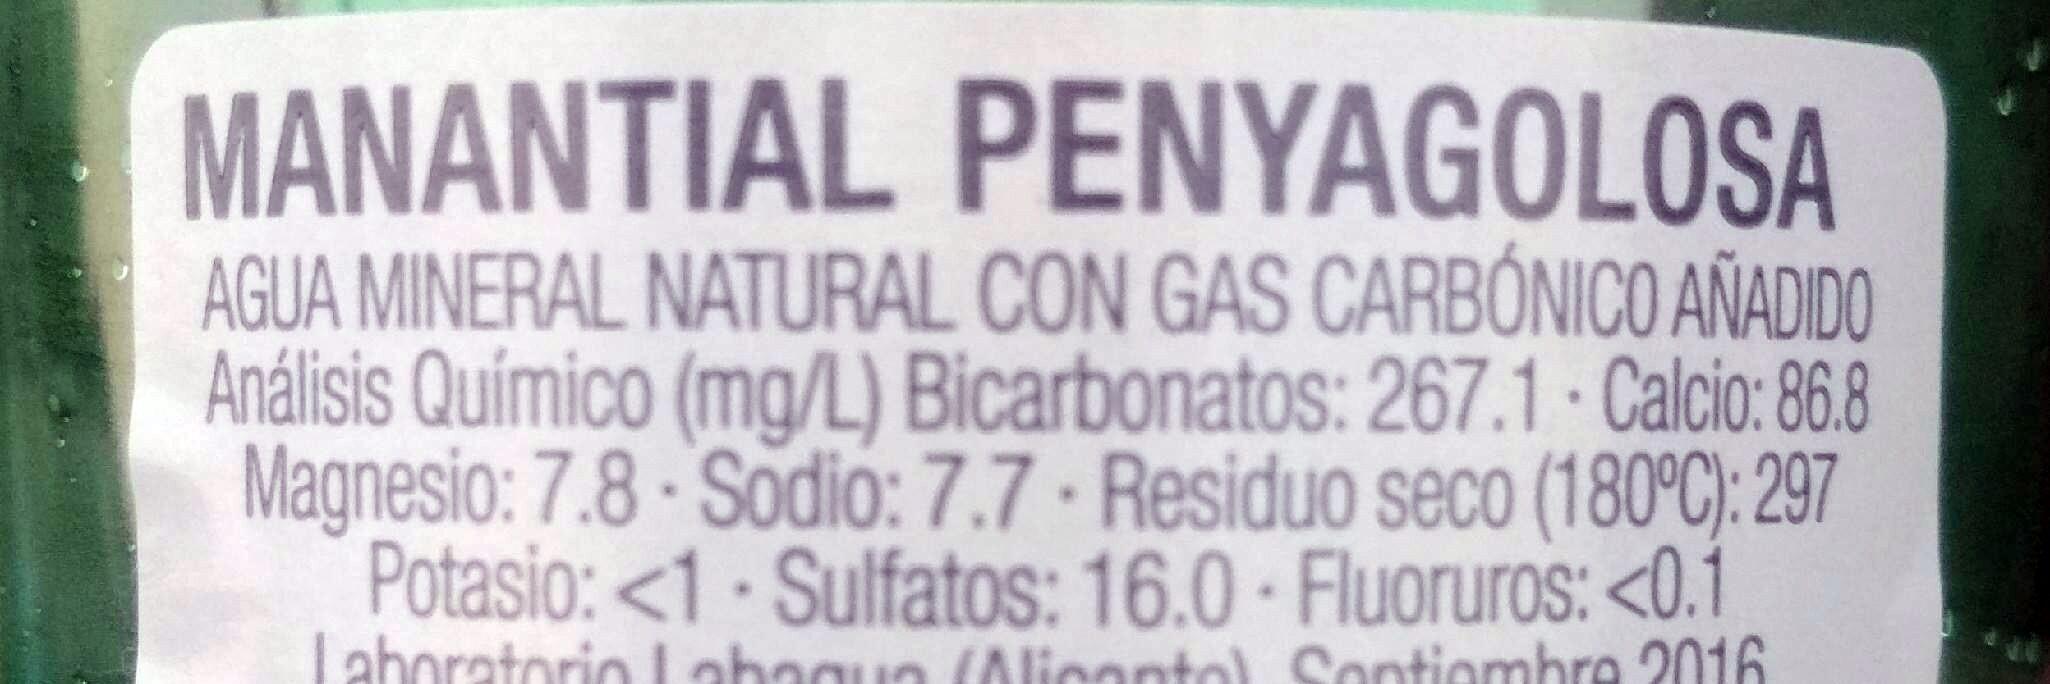 Agua mineral natural con gas - Información nutricional - es